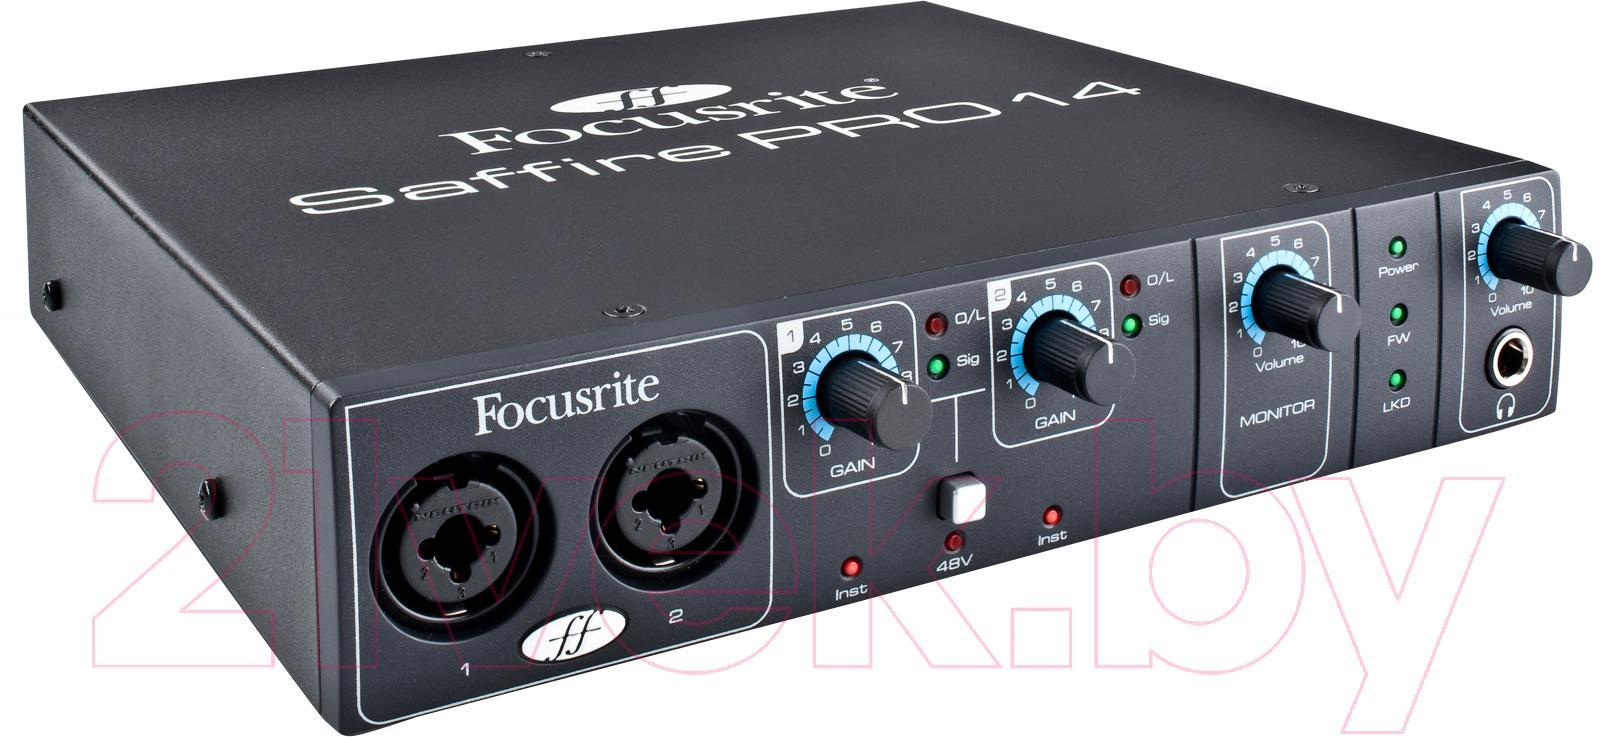 Saffire Pro 14 21vek.by 2833000.000